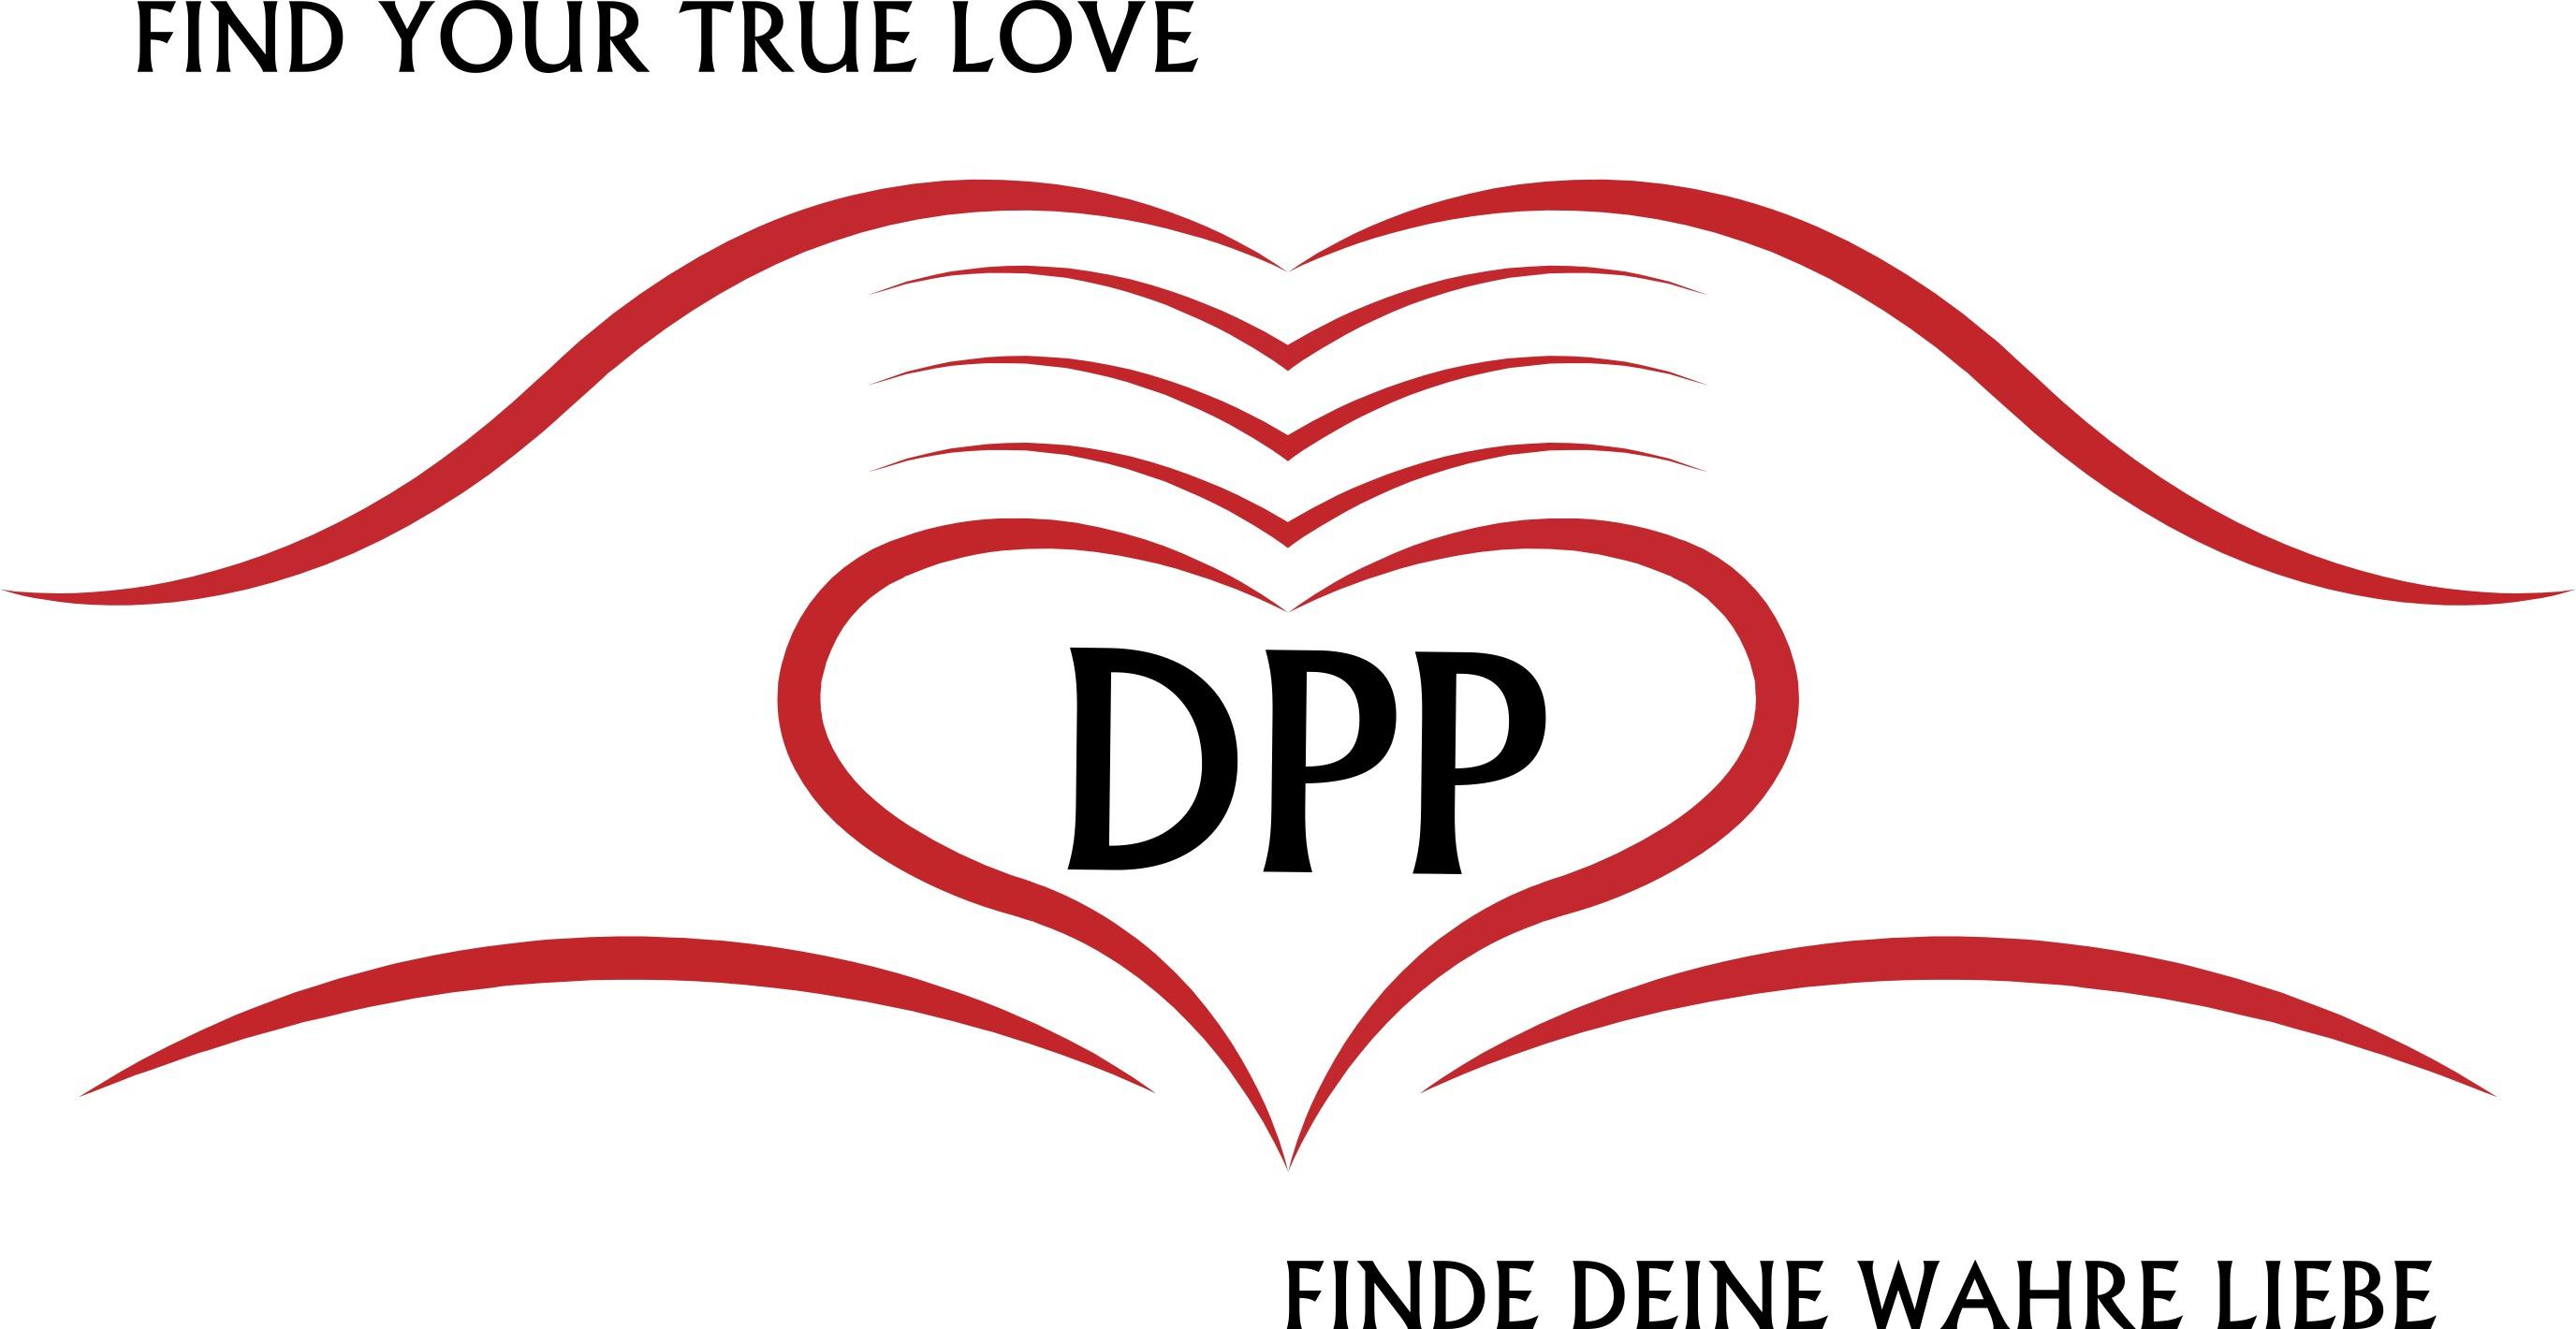 Dpp partnervermittlung